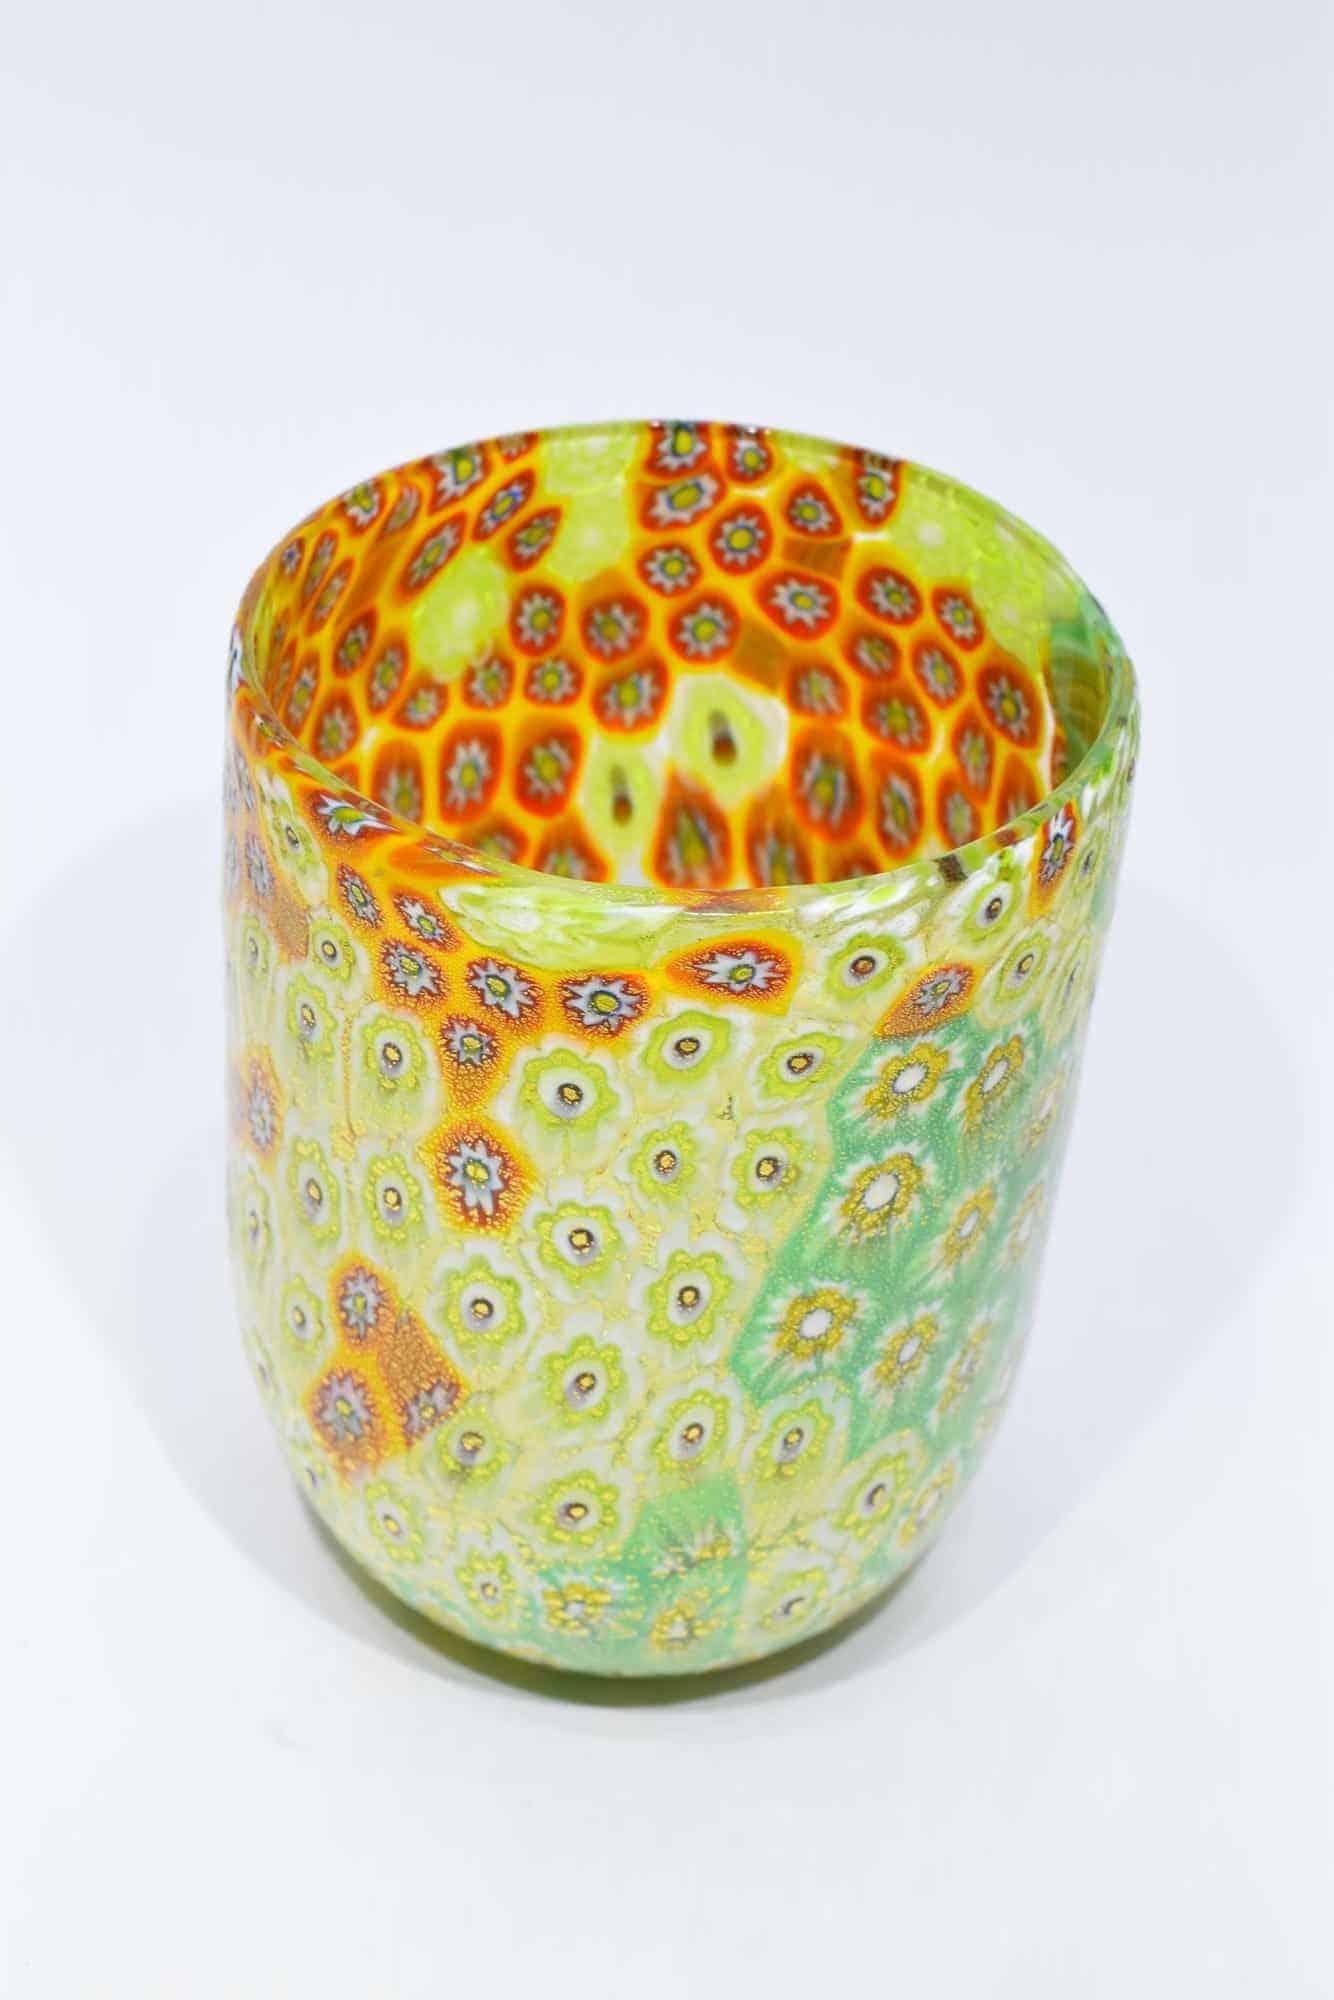 Murrine Glass In Murano Glass (Art. 11517)